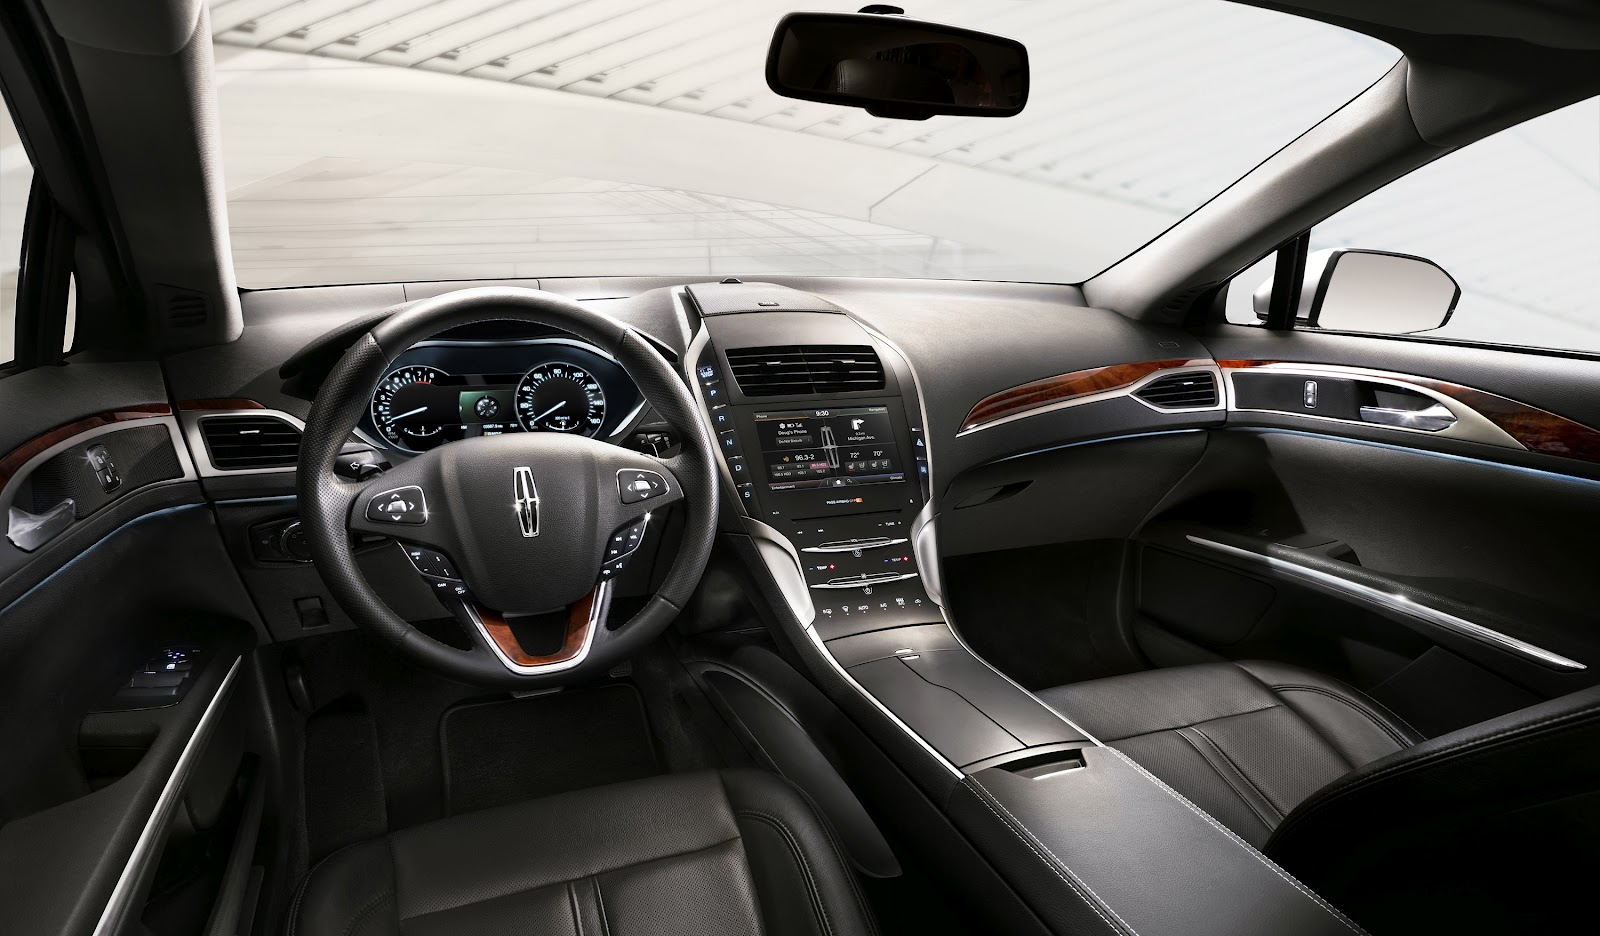 2016 - [Lincoln] MKZ - Page 2 2013+lincoln+mkz+interior+1